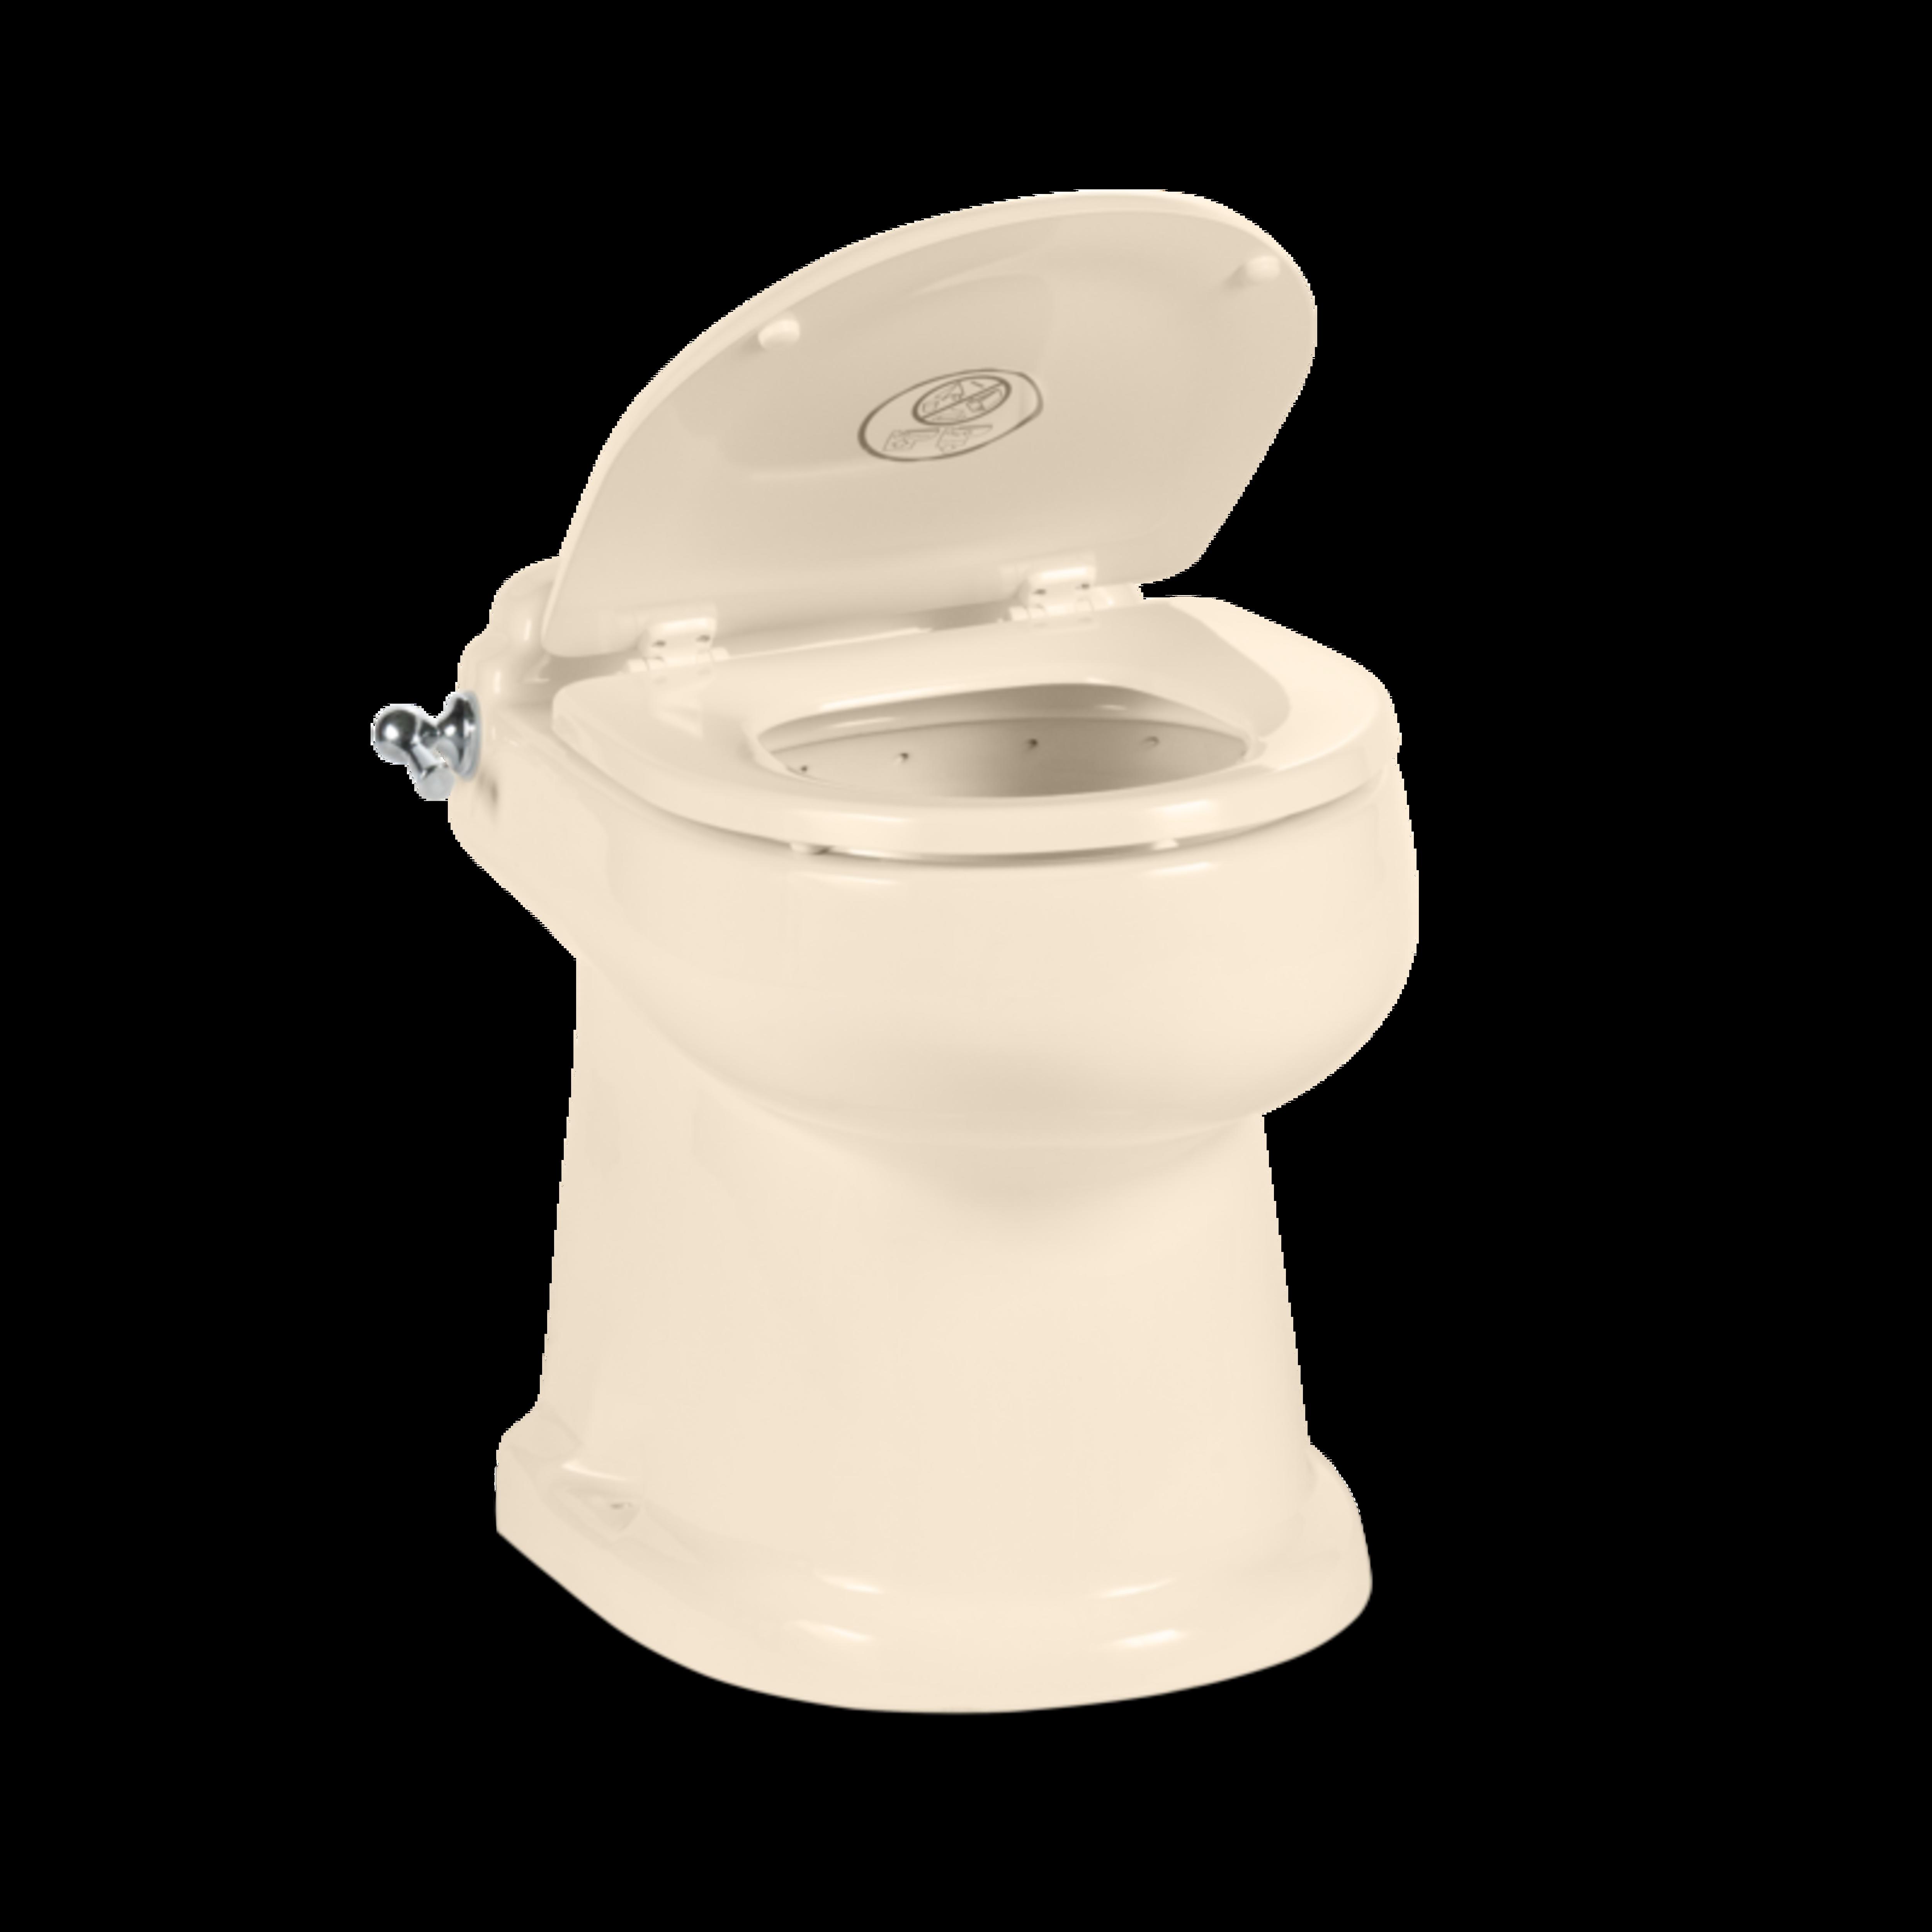 Dometic 4310 Toilet